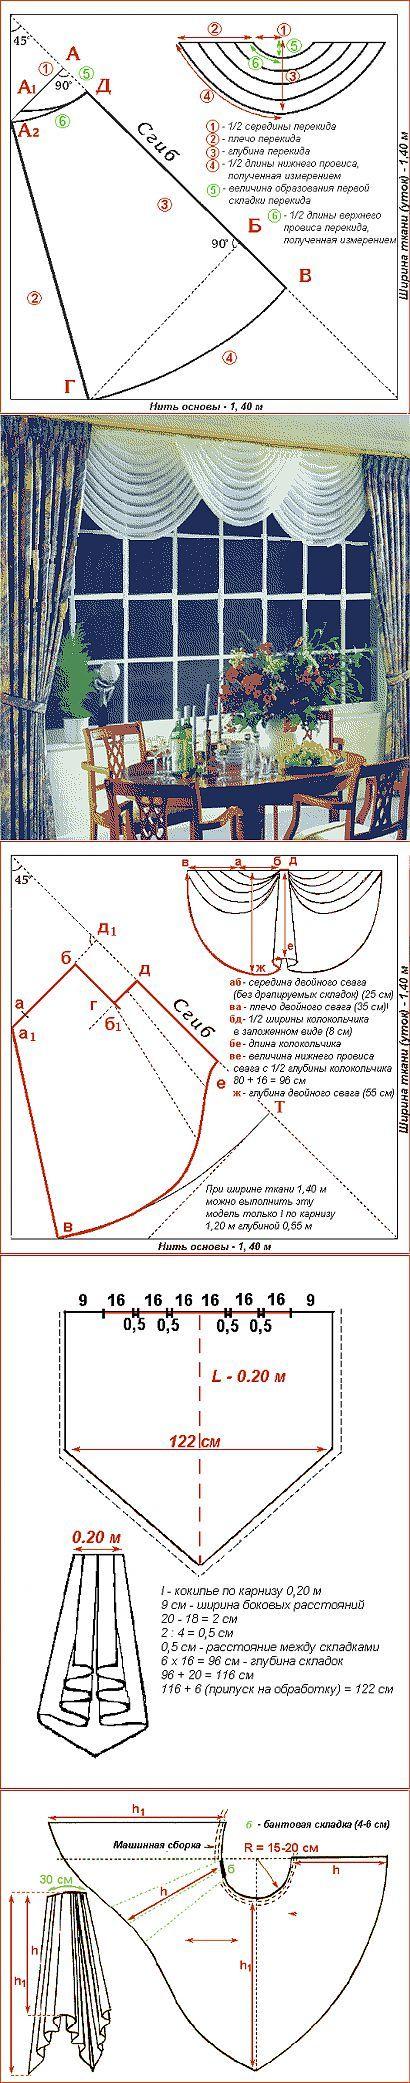 Выкройки для всех видов штор, часть 4, Сваги, перекиды, ассиметричные сваги и т.д. (2) - Пошив штор - Текстильный дизайн - Каталог статей - Дизайн, мебель, домашний уют, текстиль в интерьере